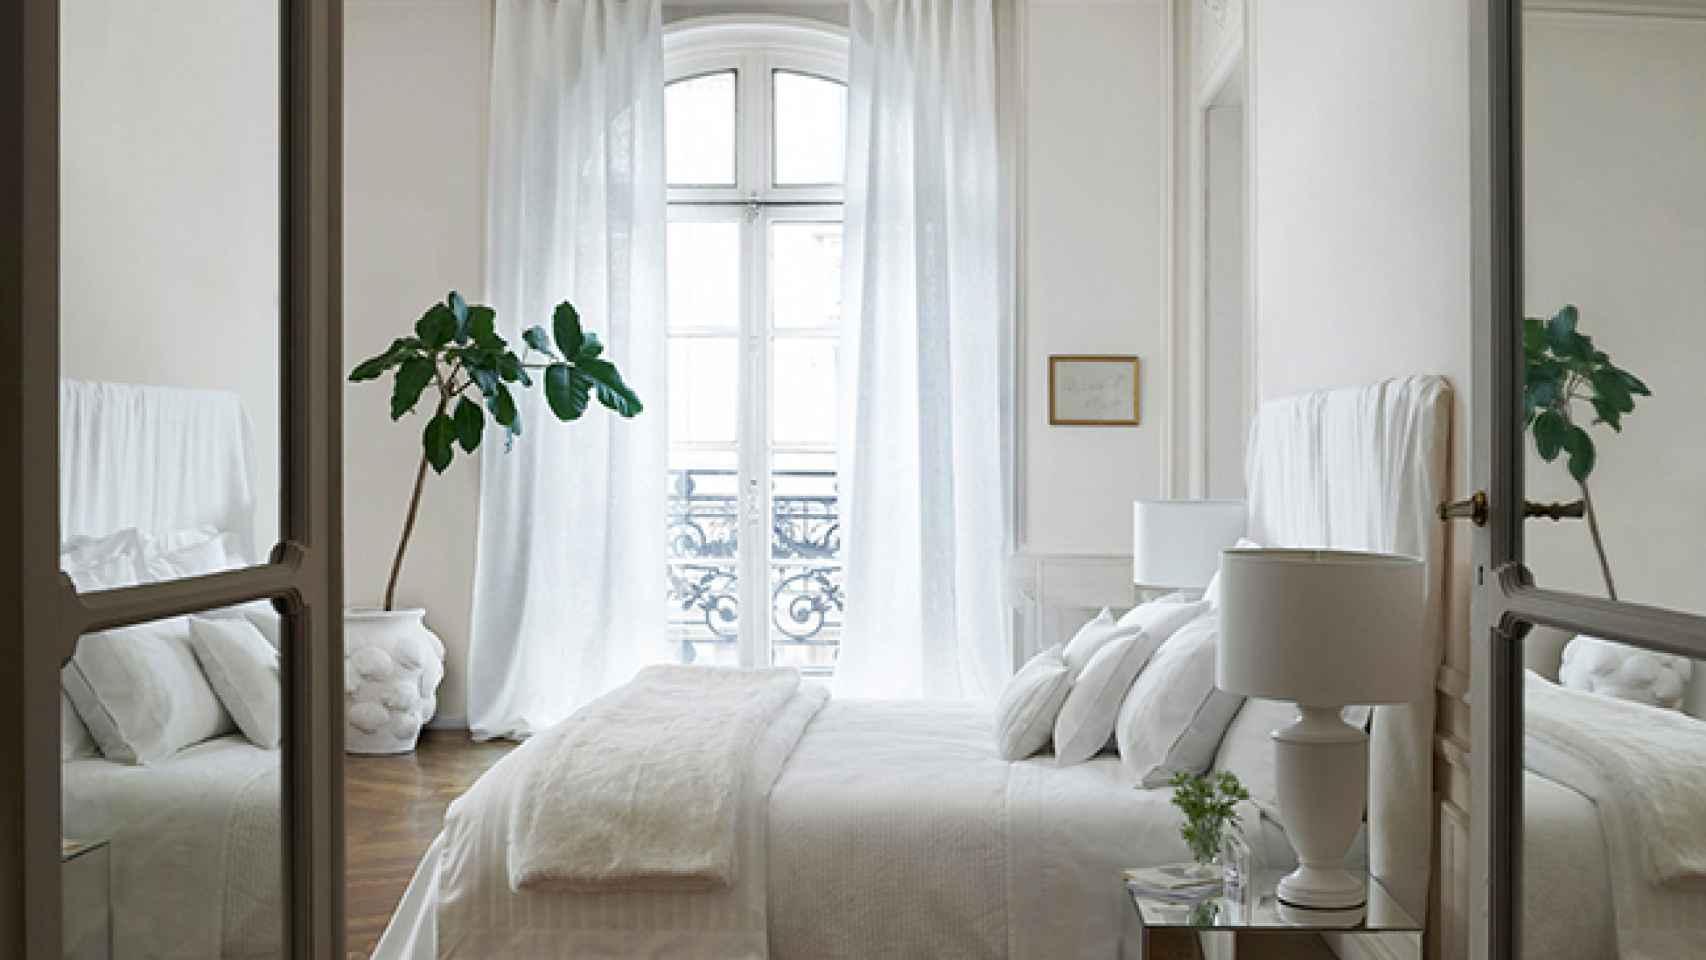 Las paredes blancas amplían visualmente el espacio, además de transmitir pureza. Foto: Zara Home.